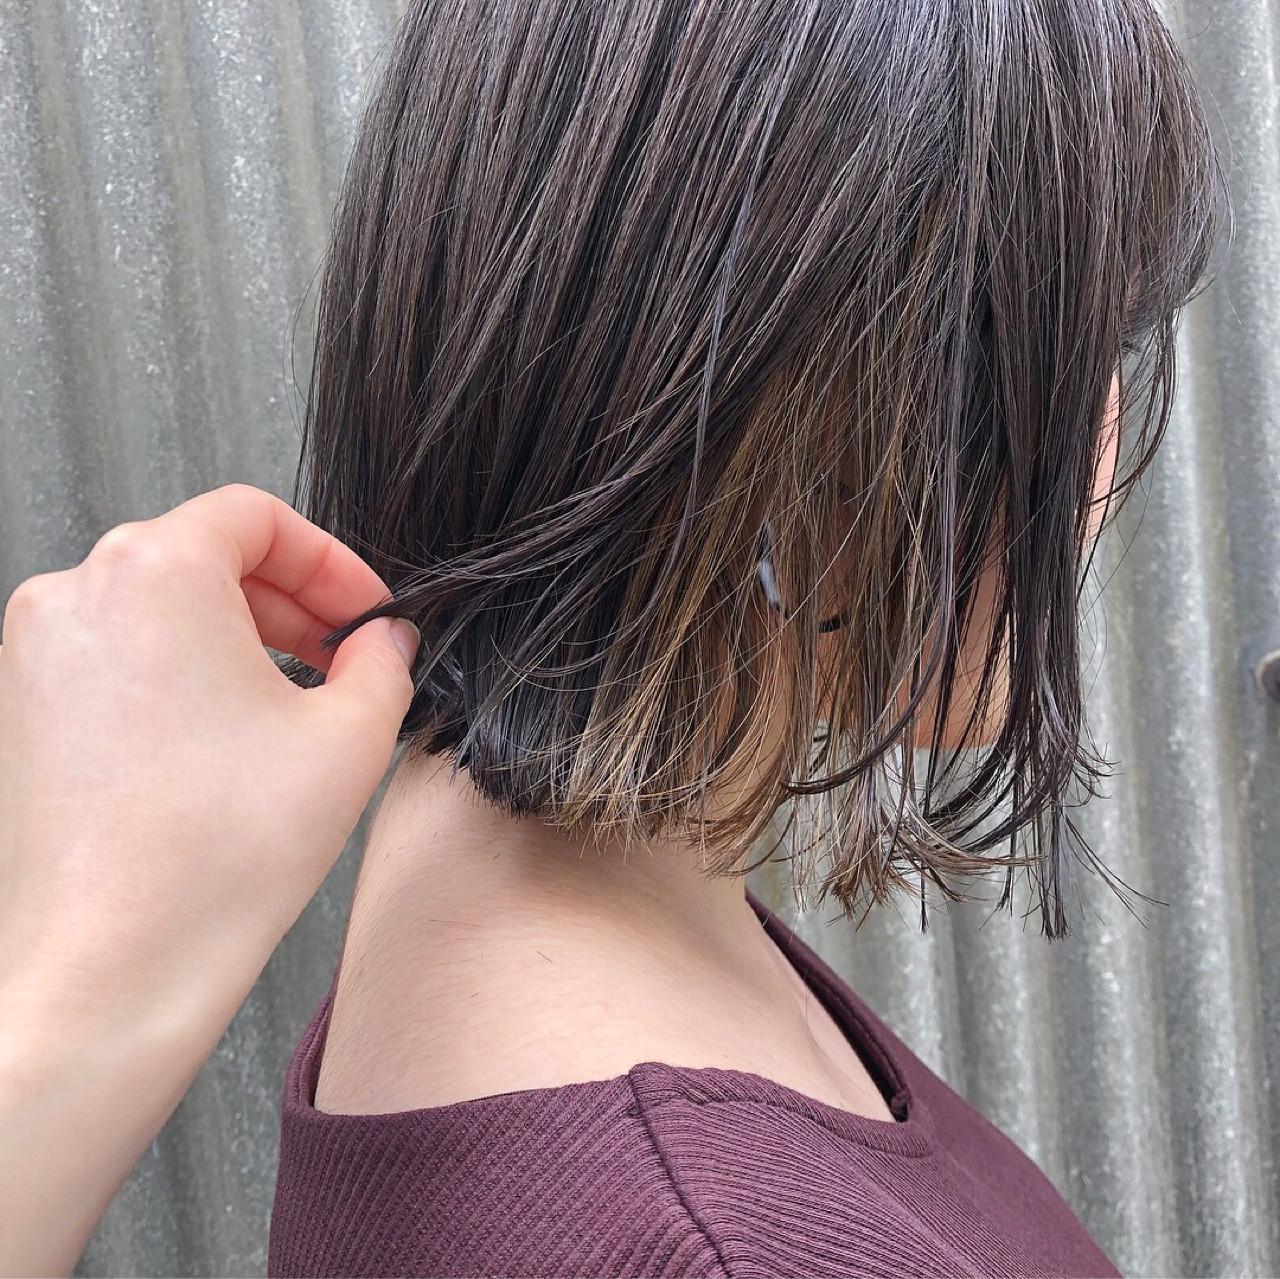 色気 ボブ スモーキーカラー ストリート ヘアスタイルや髪型の写真・画像